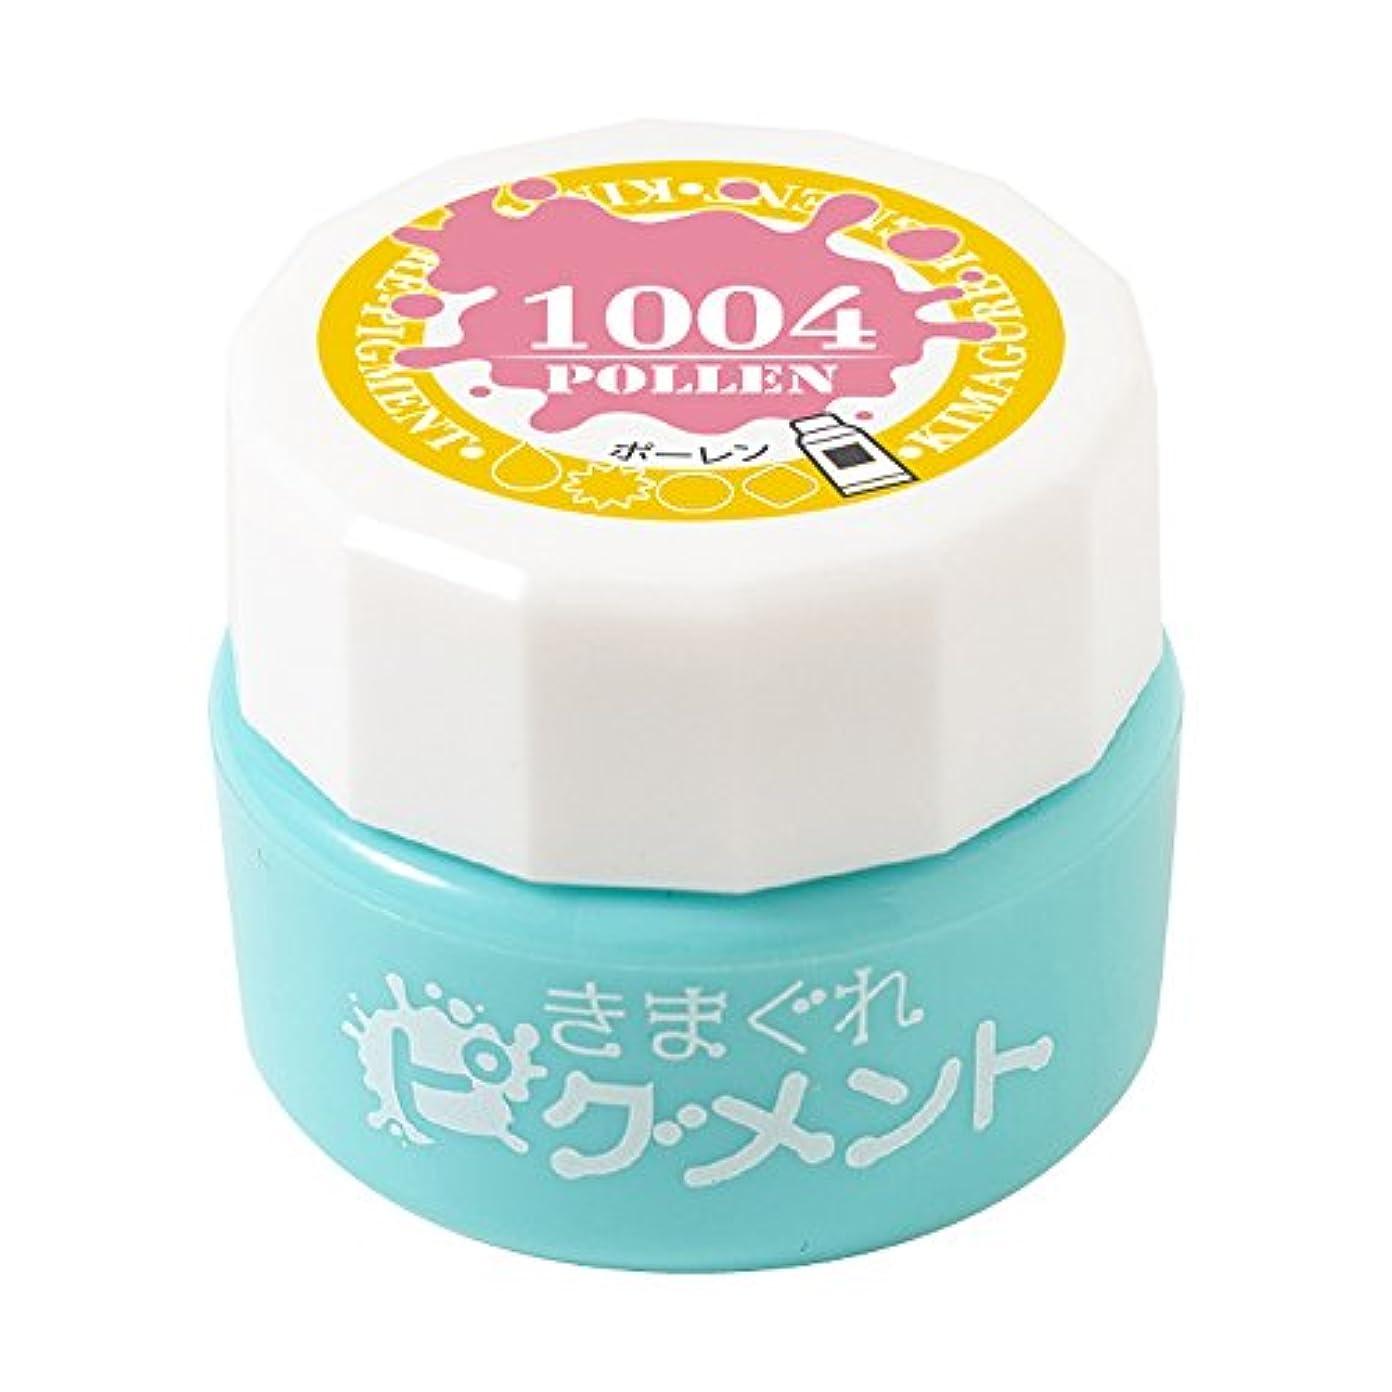 届ける王女俳句Bettygel きまぐれピグメント ポーレン QYJ-1004 4g UV/LED対応